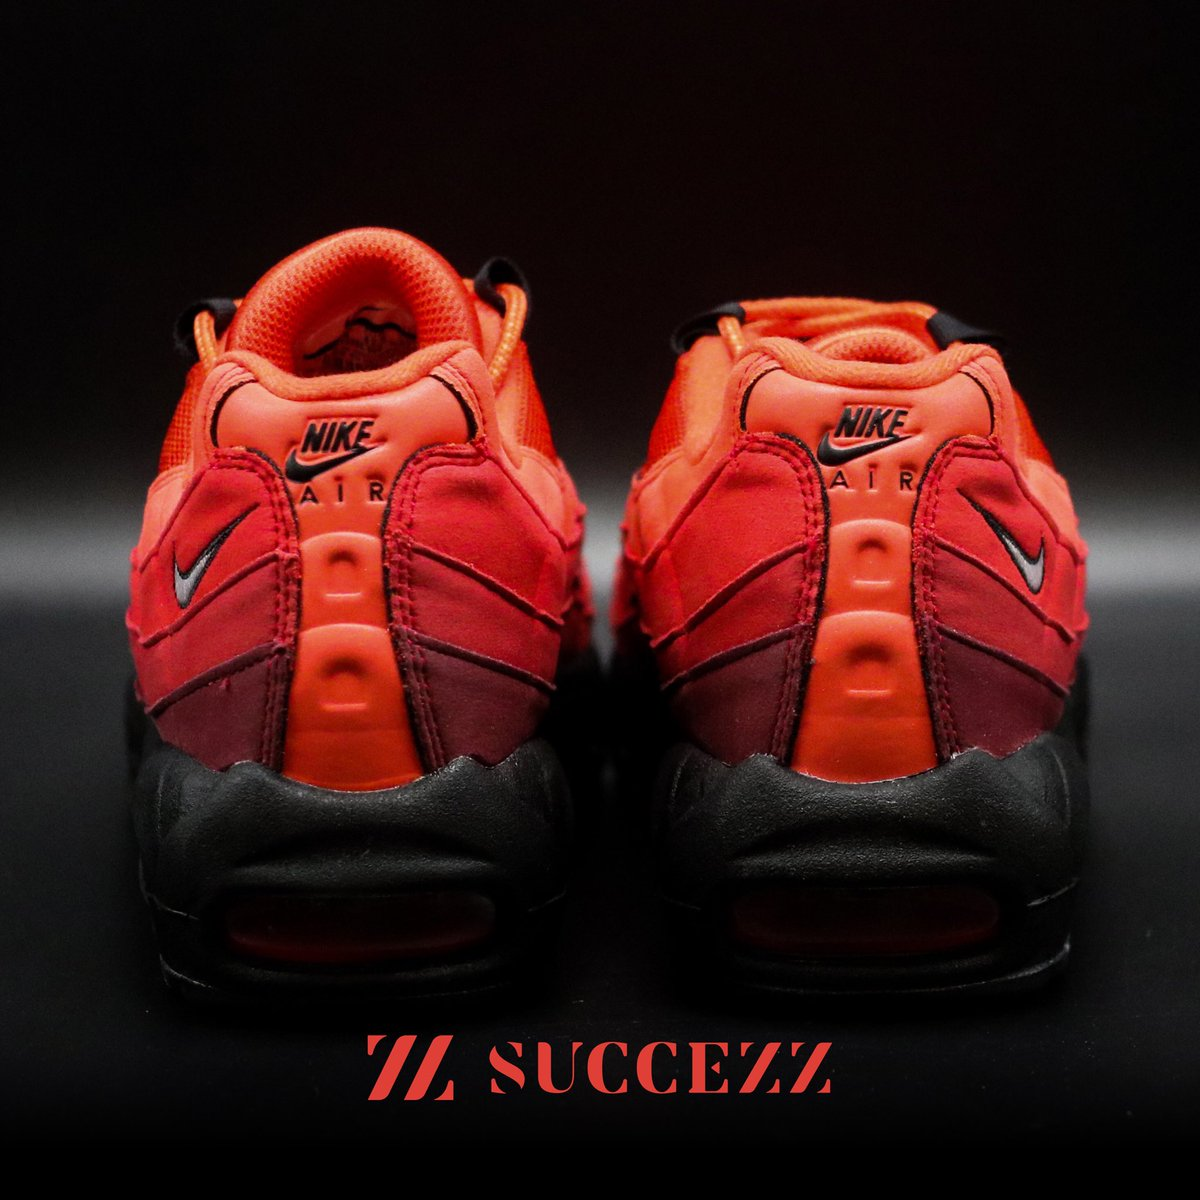 best sneakers 1ac9e 5f2a5 2 59 PM - 5 Mar 2019